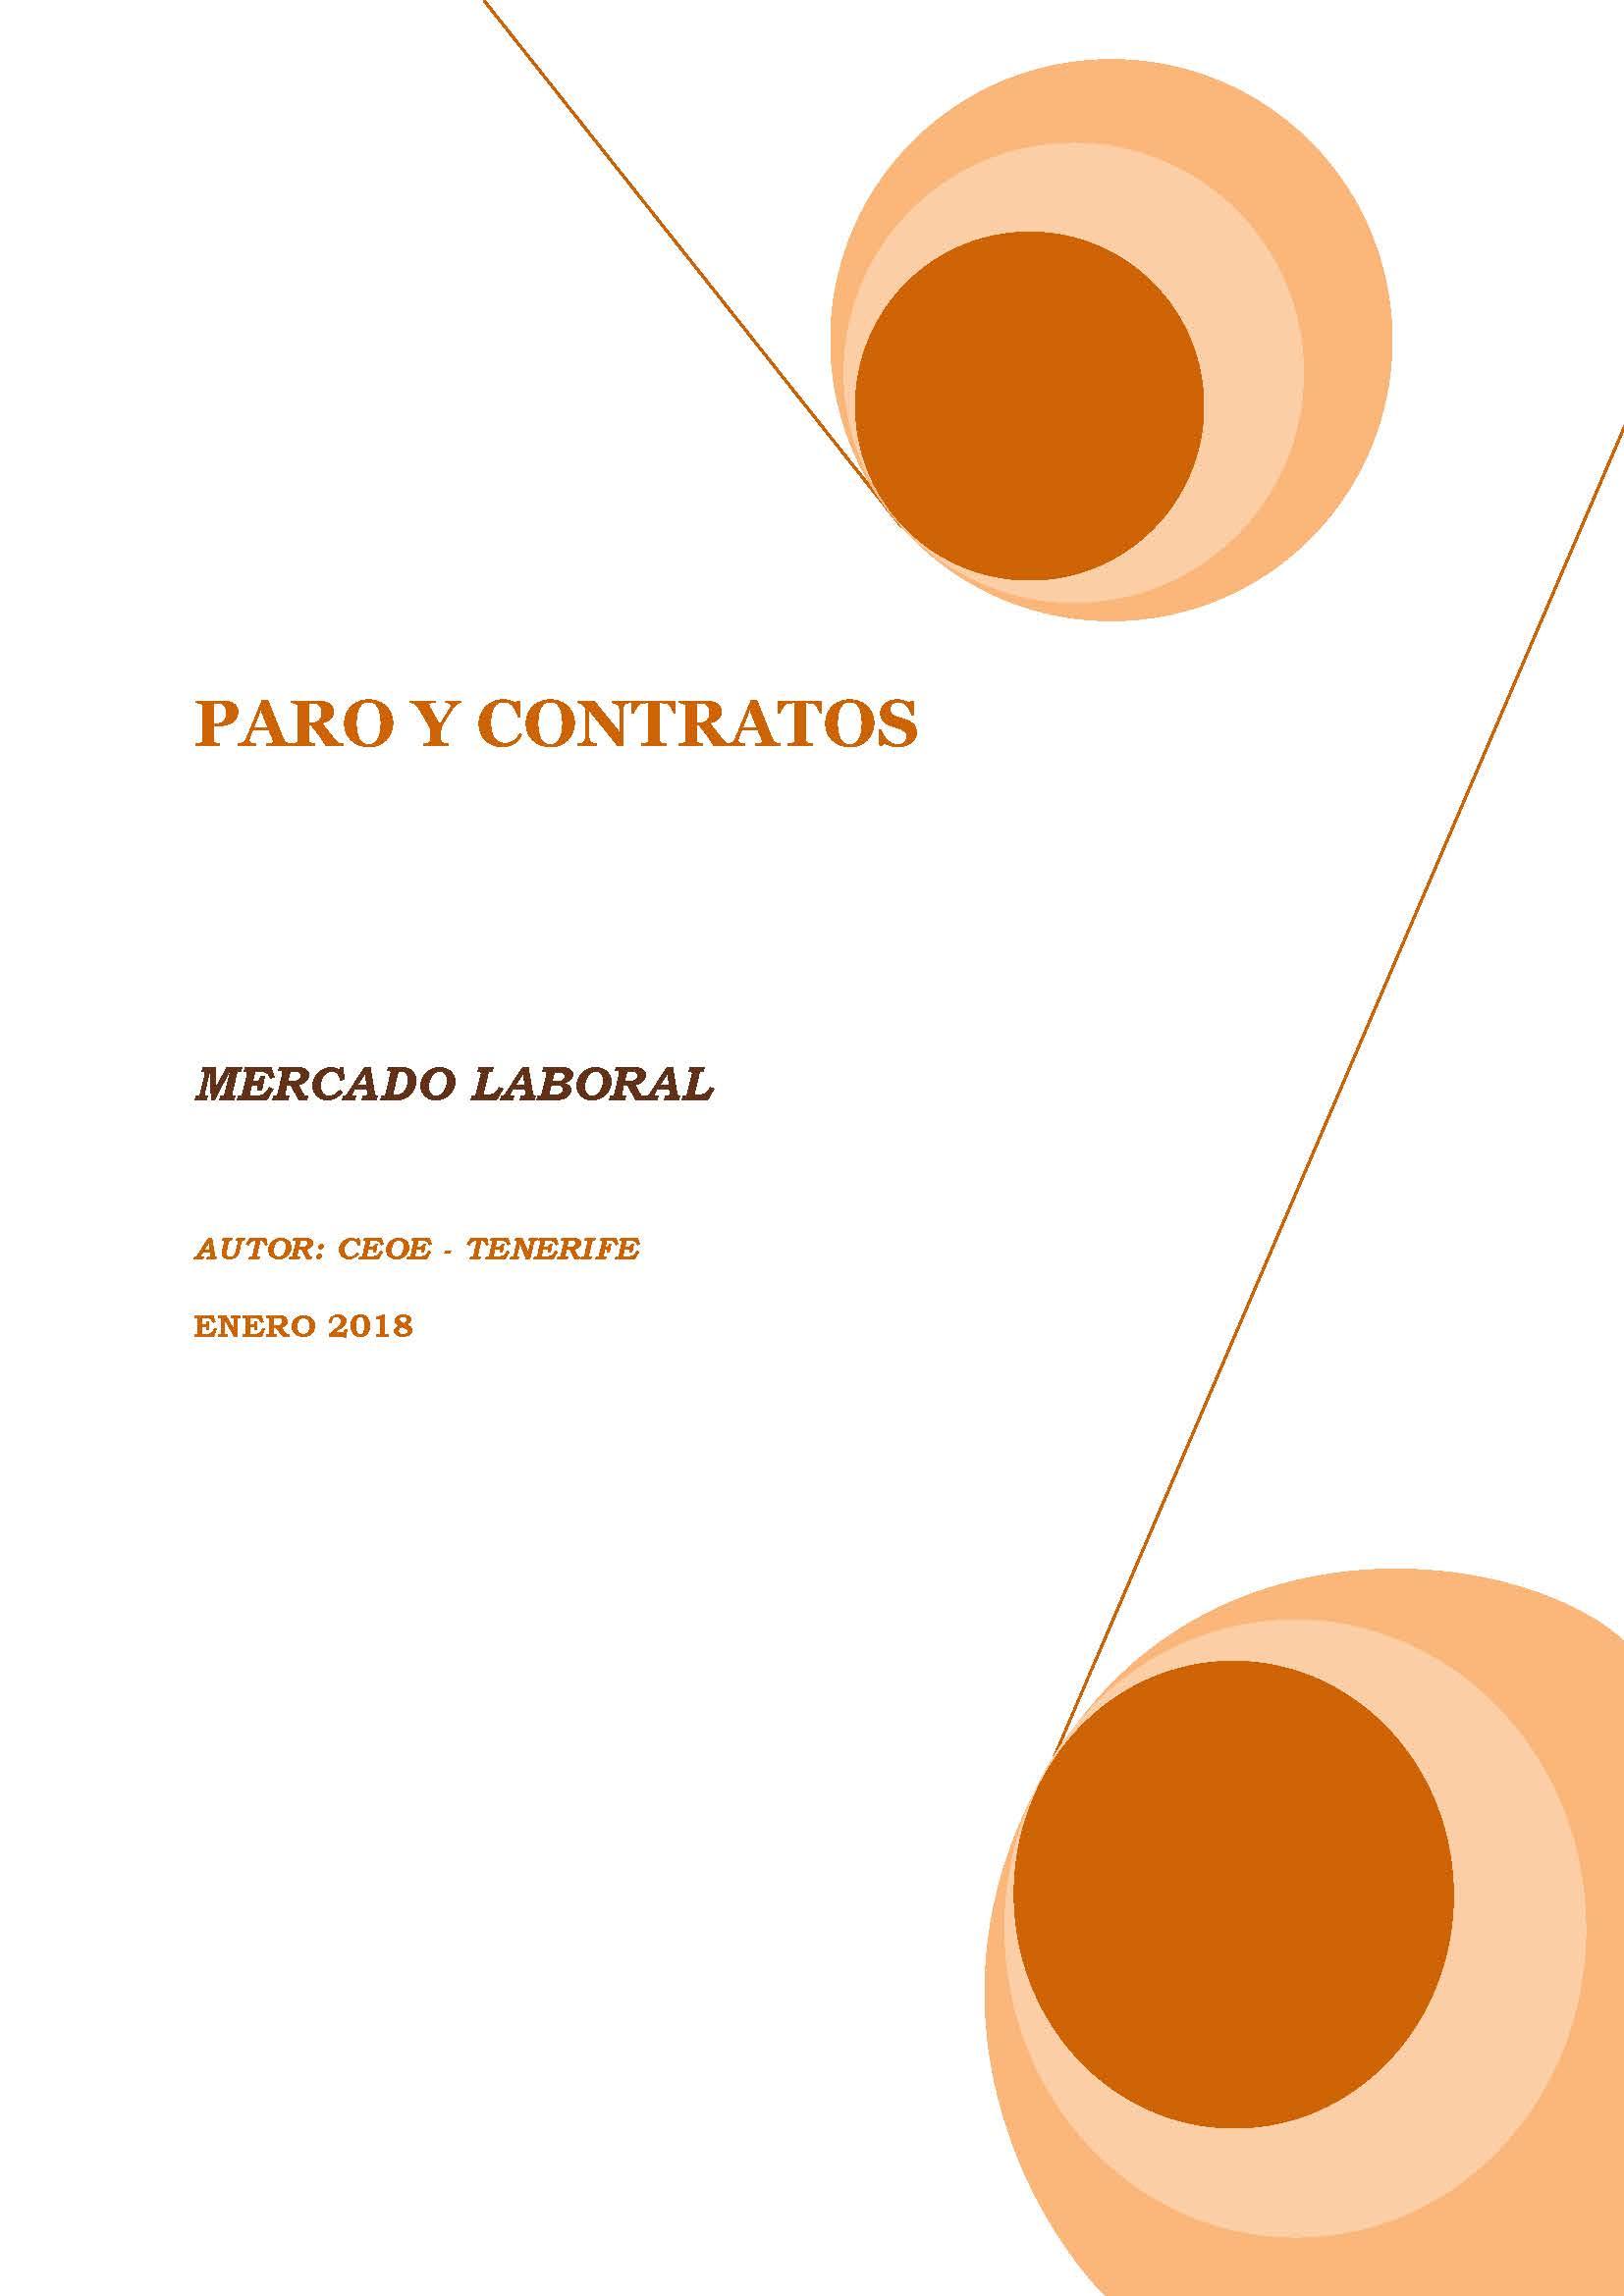 MERCADO LABORAL - PARO Y CONTRATOS ENERO 2018